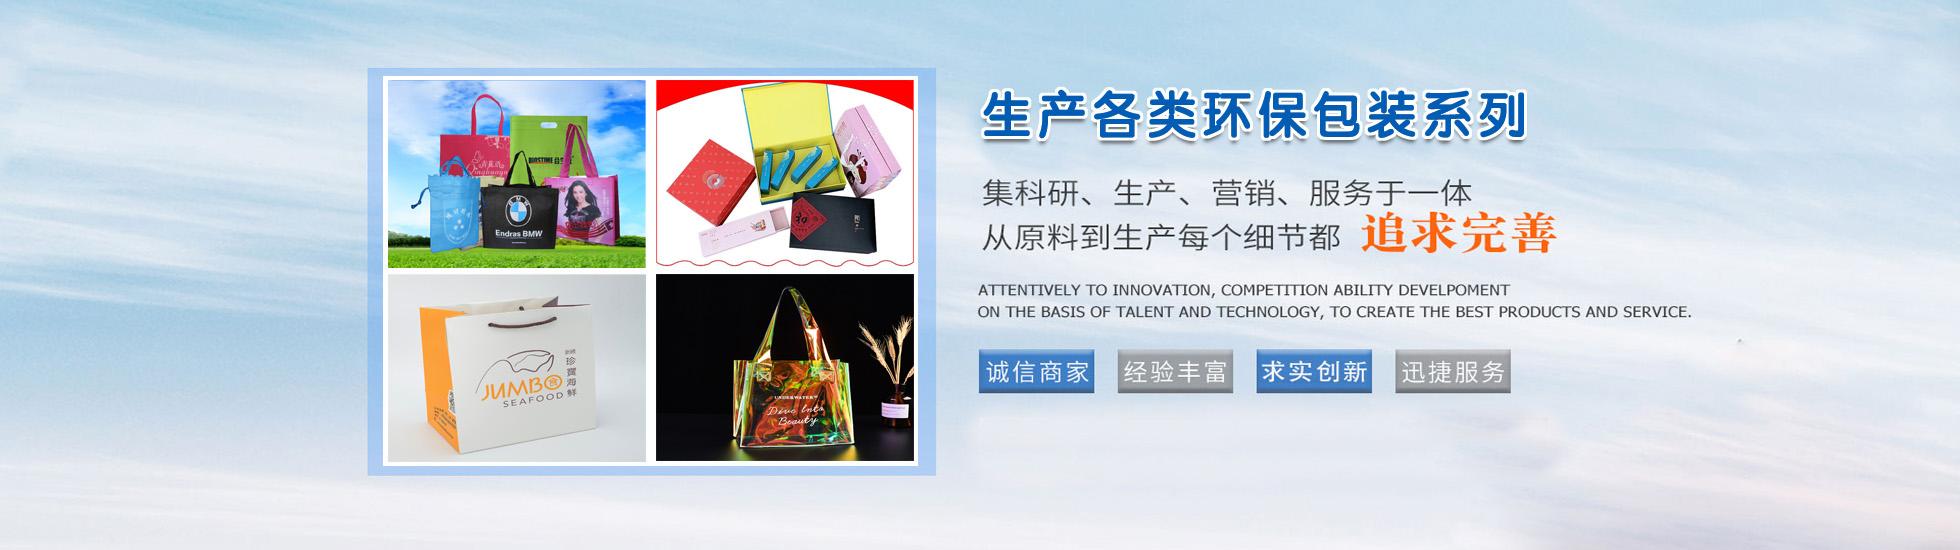 礼盒加工、礼盒包装、无纺布袋、无纺布袋加工、环保袋、外卖袋、购物袋